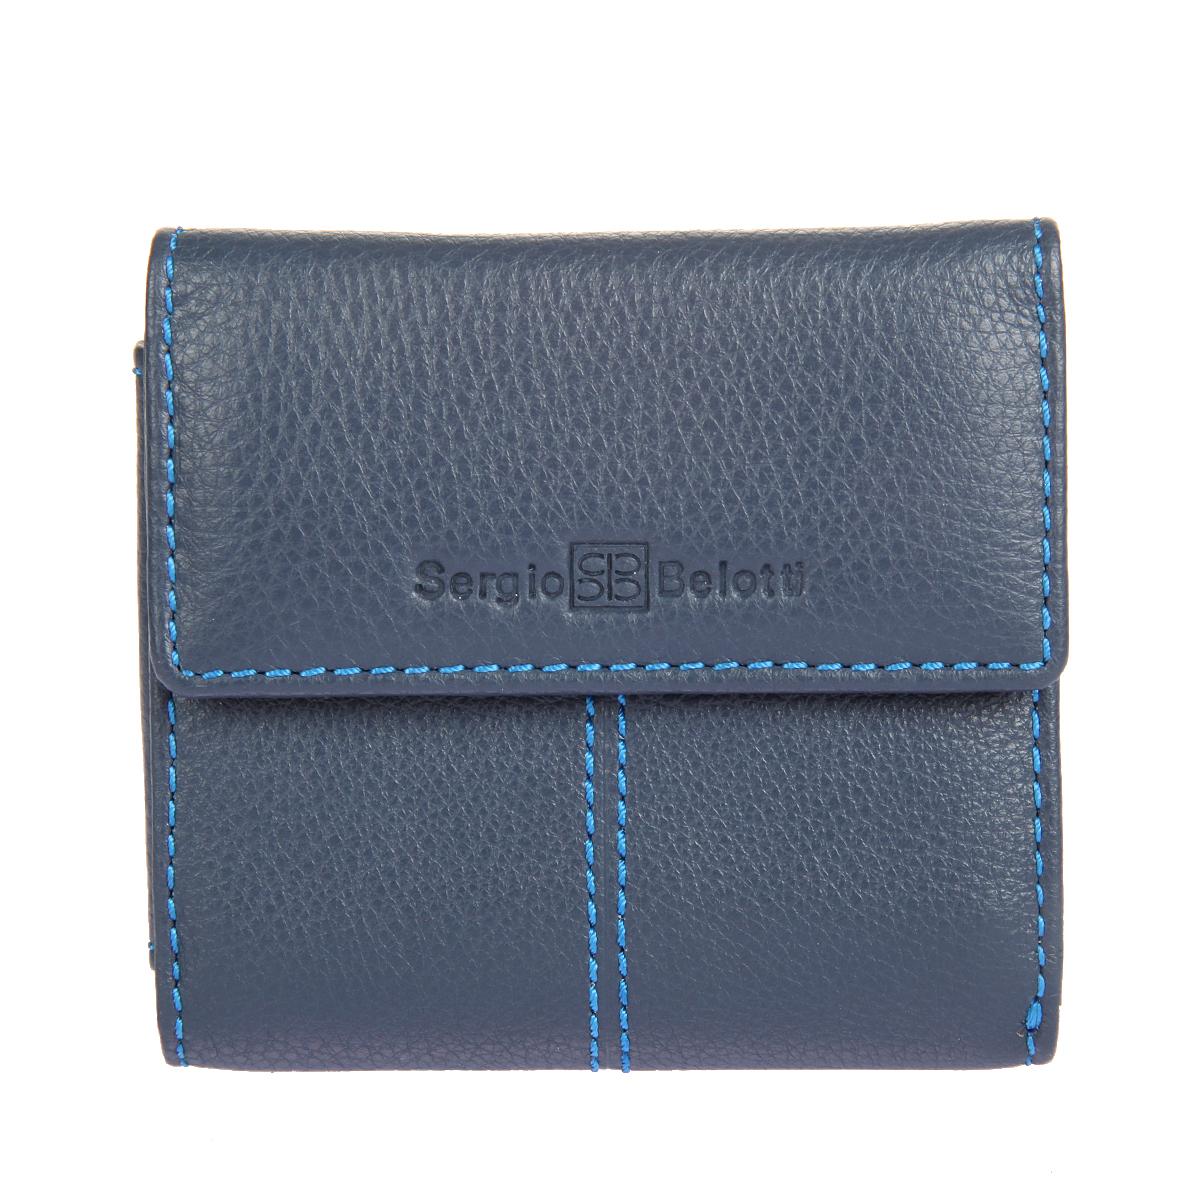 Портмоне мужское Sergio Belotti, цвет: синий. 34103410 indigo jeansМужское портмоне Sergio Belotti выполнено из натуральной кожи с зернистой фактурой и оформлено декоративной прострочкой. Лицевая сторона изделия оформлена тисненными названием и логотипом бренда. Портмоне закрывается клапаном на застежку-кнопку и внутри содержит два потайных кармана, два прорезных кармашка для визиток и пластиковых карт, вместительный карман-уголок для купюр. На тыльной стороне изделия размещен карман для мелочи на застежке-кнопке. Портмоне упаковано в фирменную коробку. Такое портмоне станет отличным подарком для человека, ценящего качественные и практичные вещи.